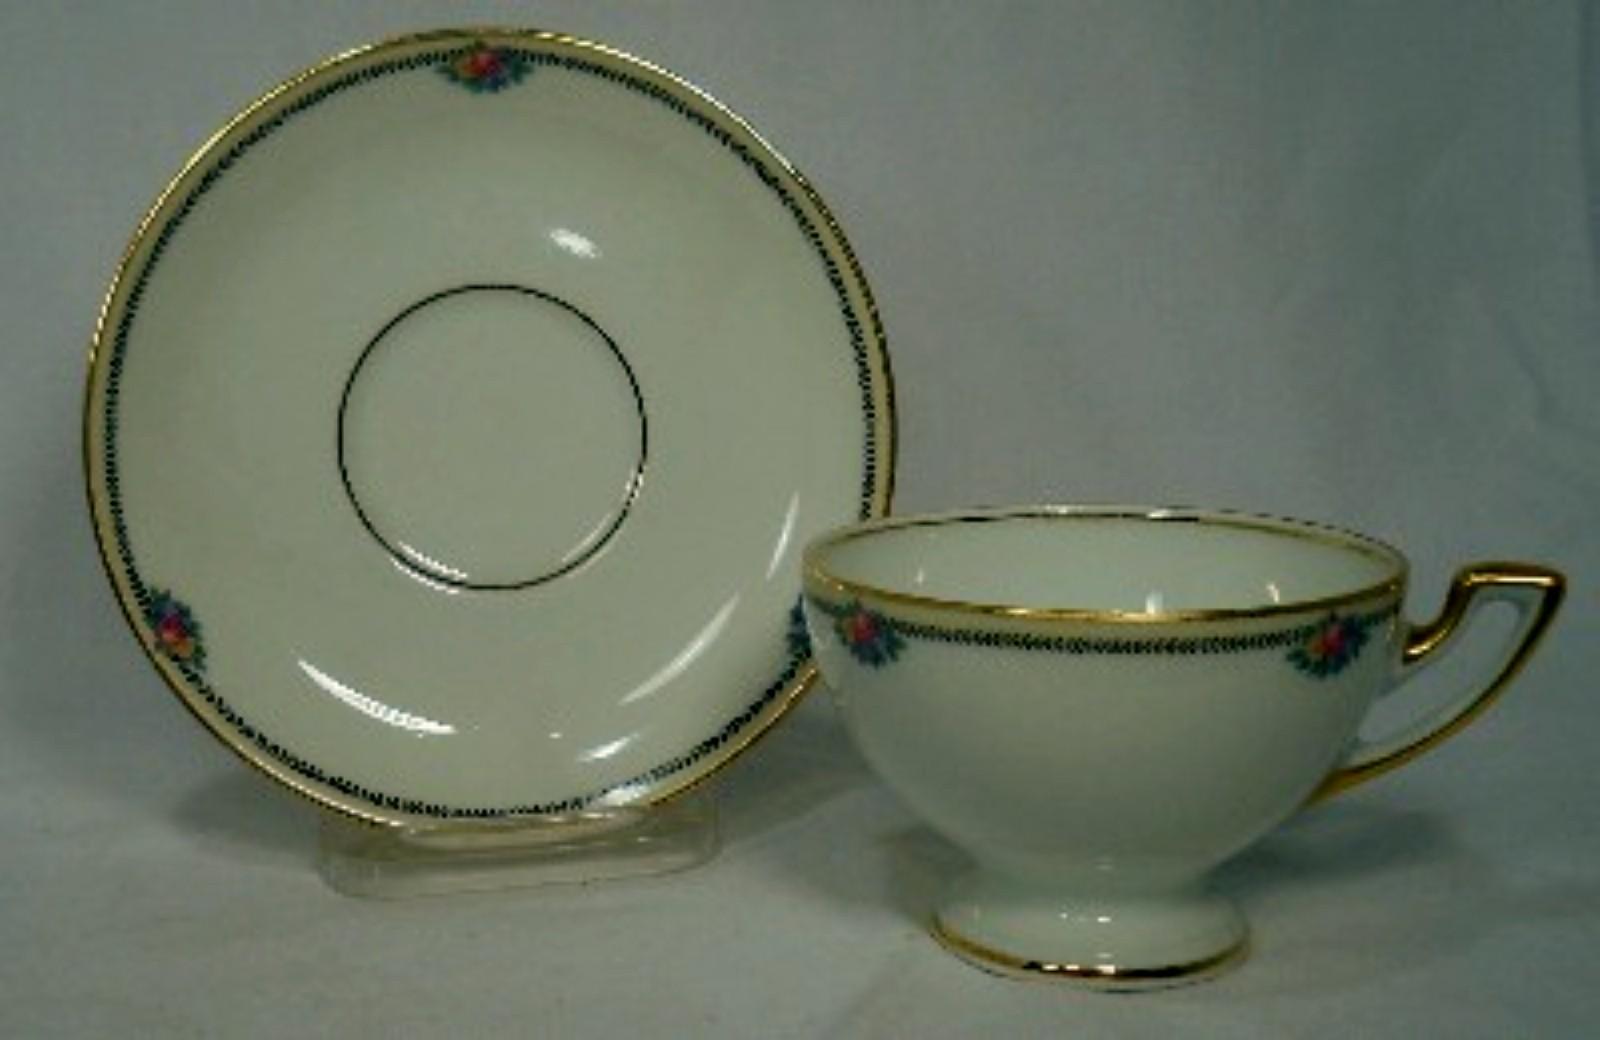 Thomas Bavaria Rosenthal China Rose Point Pattern Cup